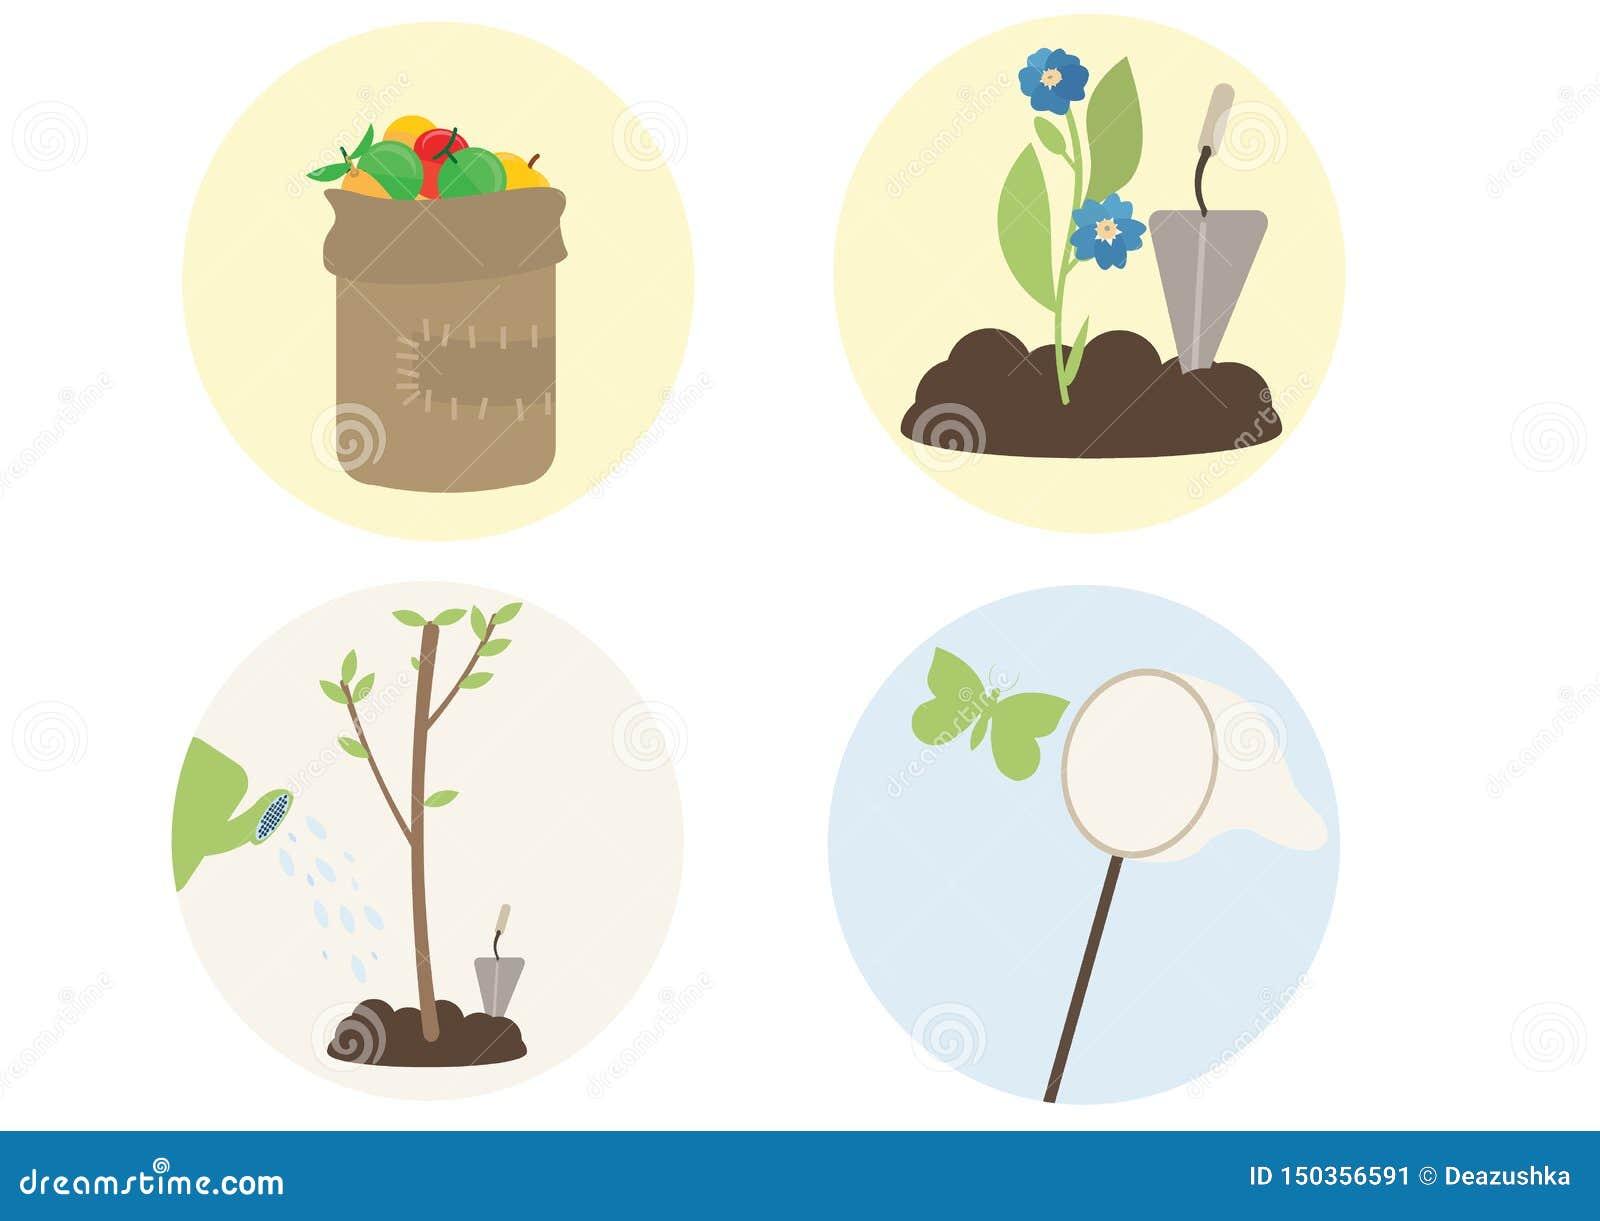 Print cartoon flat plant trees flower catch butterflies fruit picking